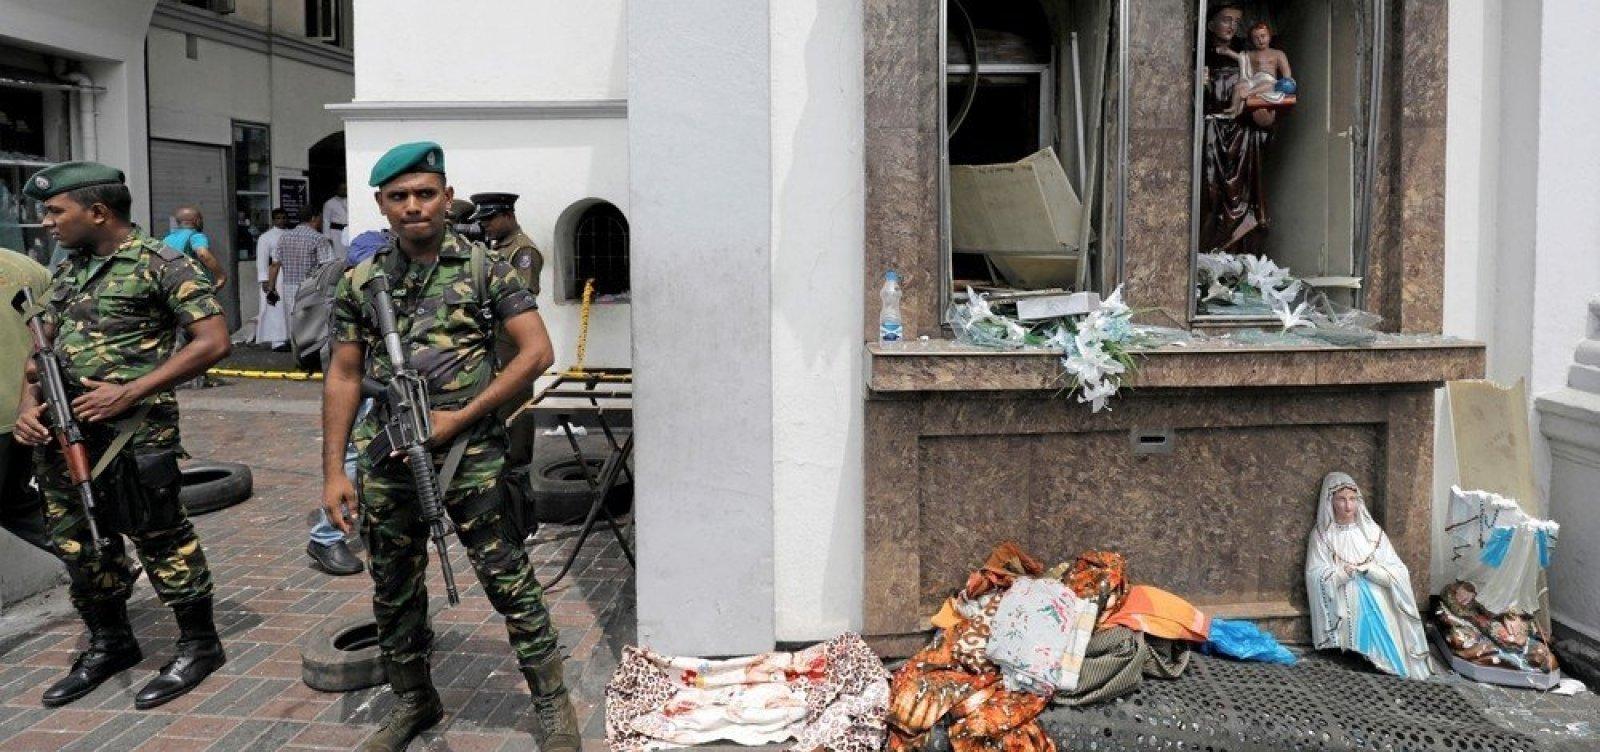 [Grupo terrorista NTJ é apontado como autor de ataques no Sri Lanka]